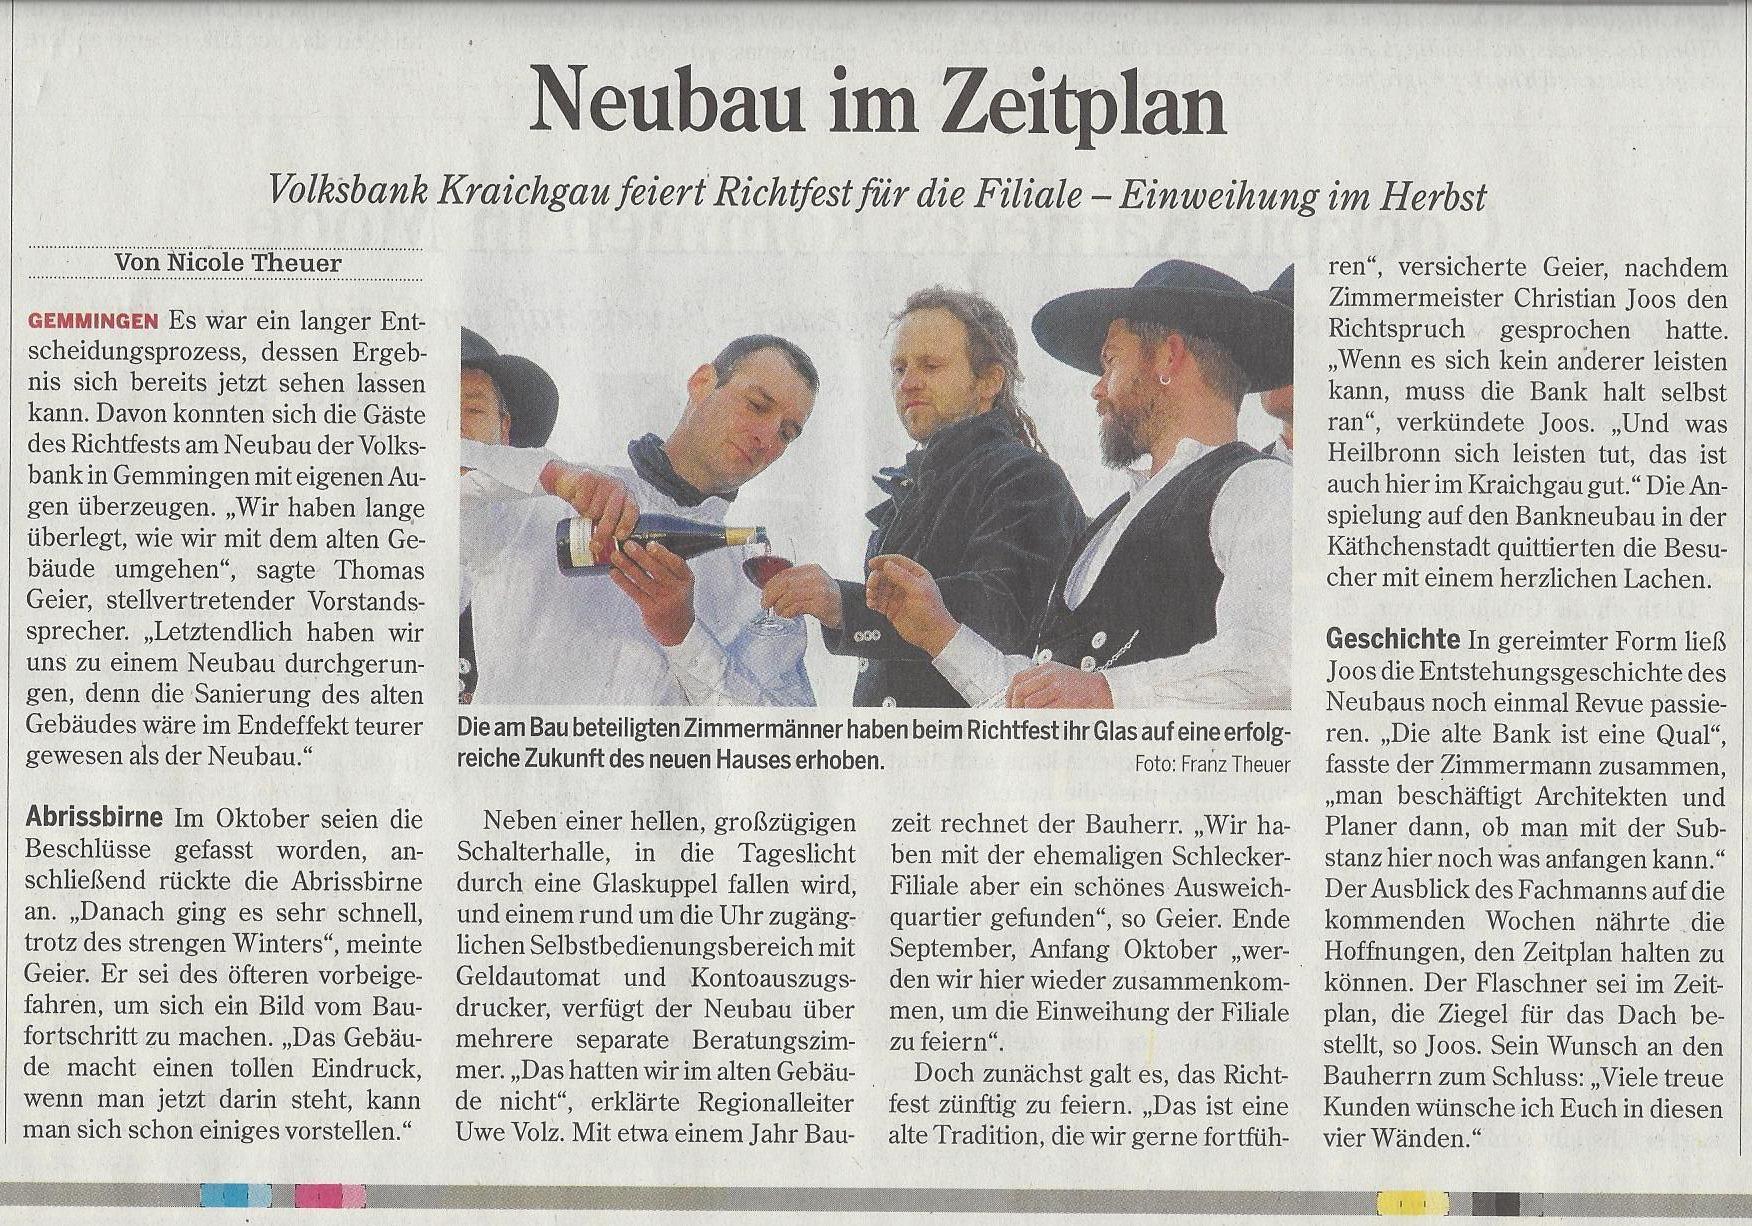 Grandi Joos – Neubau im Zeitplan (Volksbank Gemmingen)